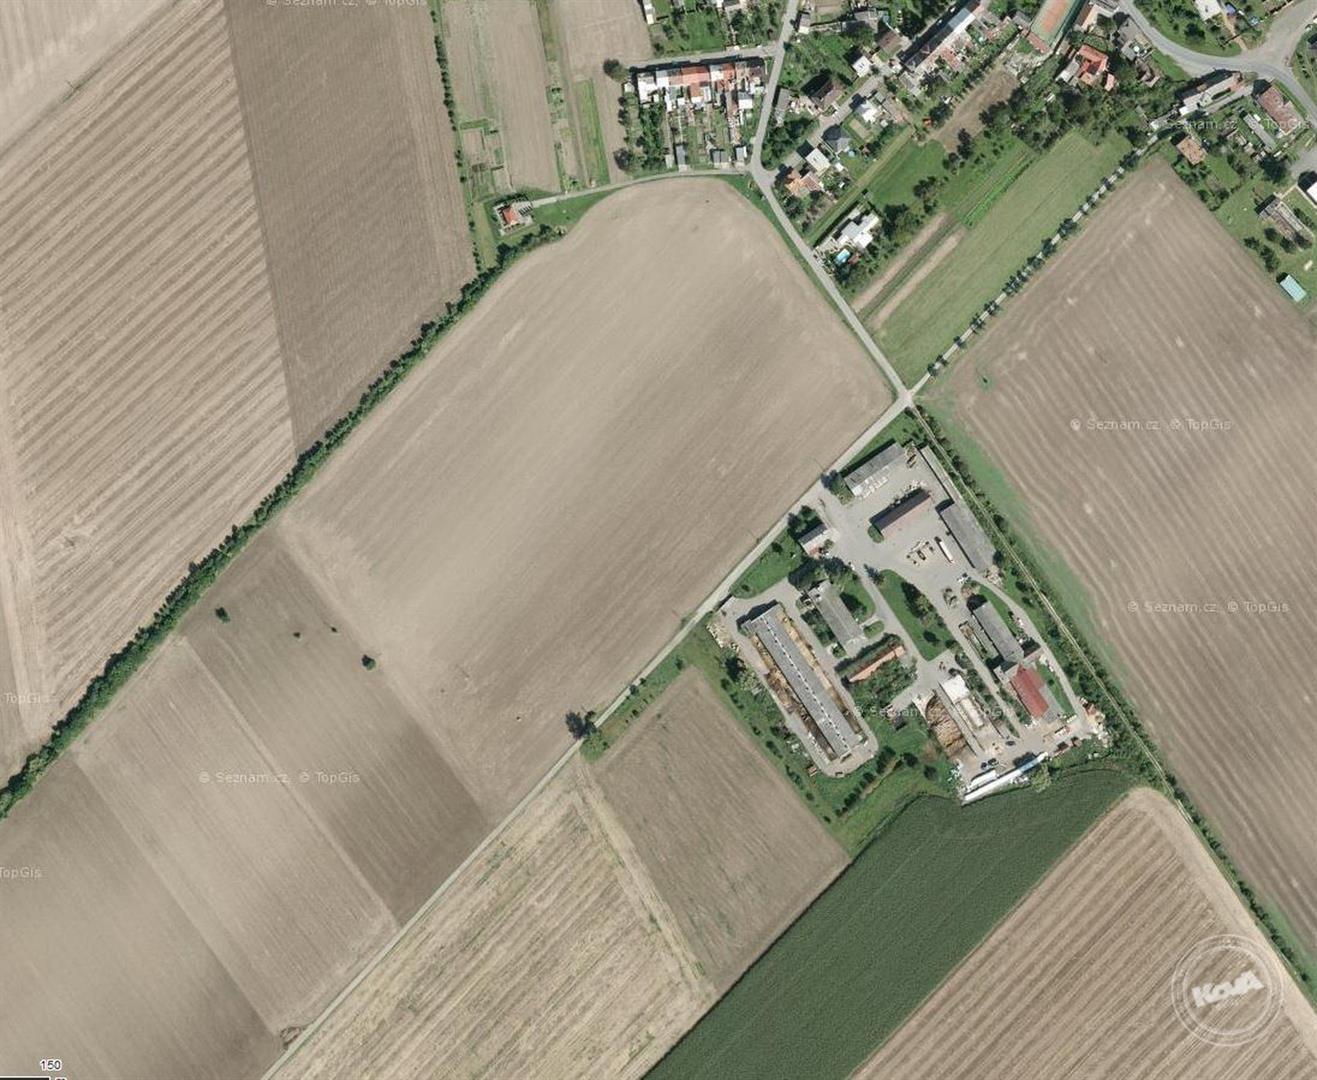 Dražba stavebních pozemků o výměře 6 025 m2 v zemědělském areálu, kú. Stará Ves u Přerova